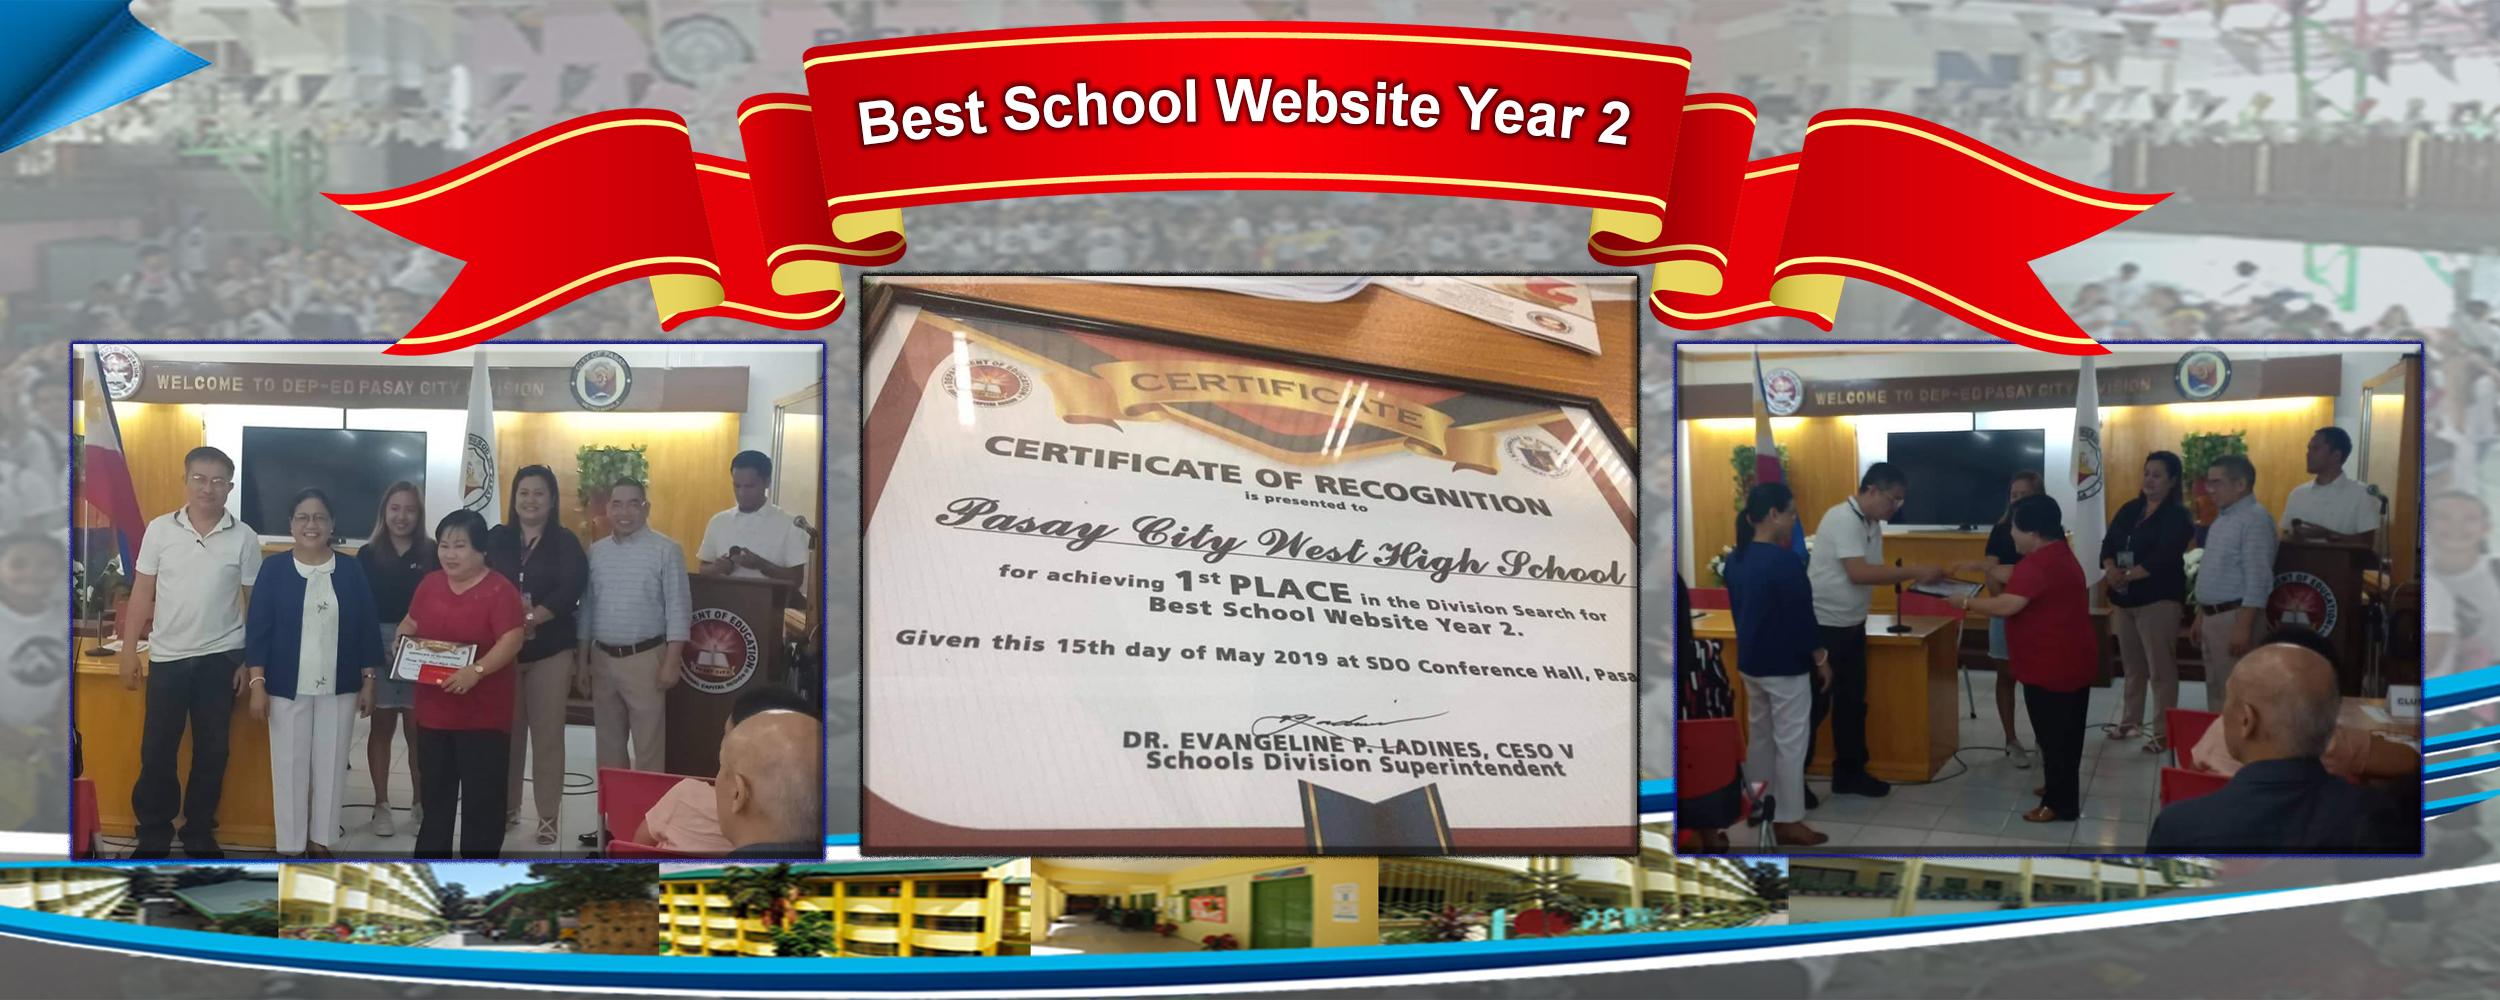 best school website